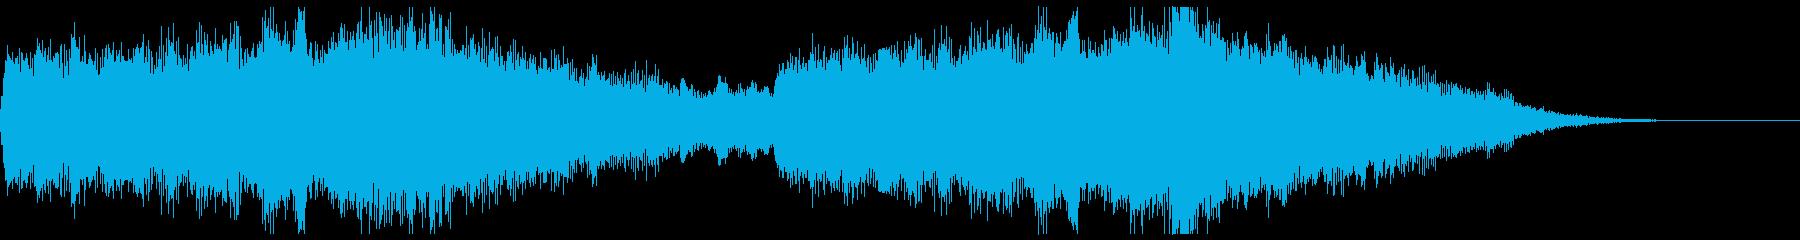 アクション映画風オーケストラジングルの再生済みの波形